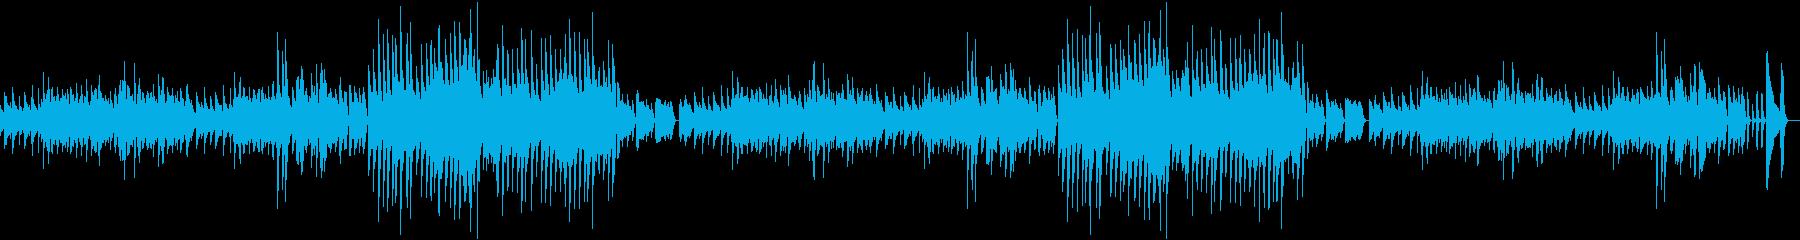 料理動画にぴったり!レトロ風ピアノBGMの再生済みの波形